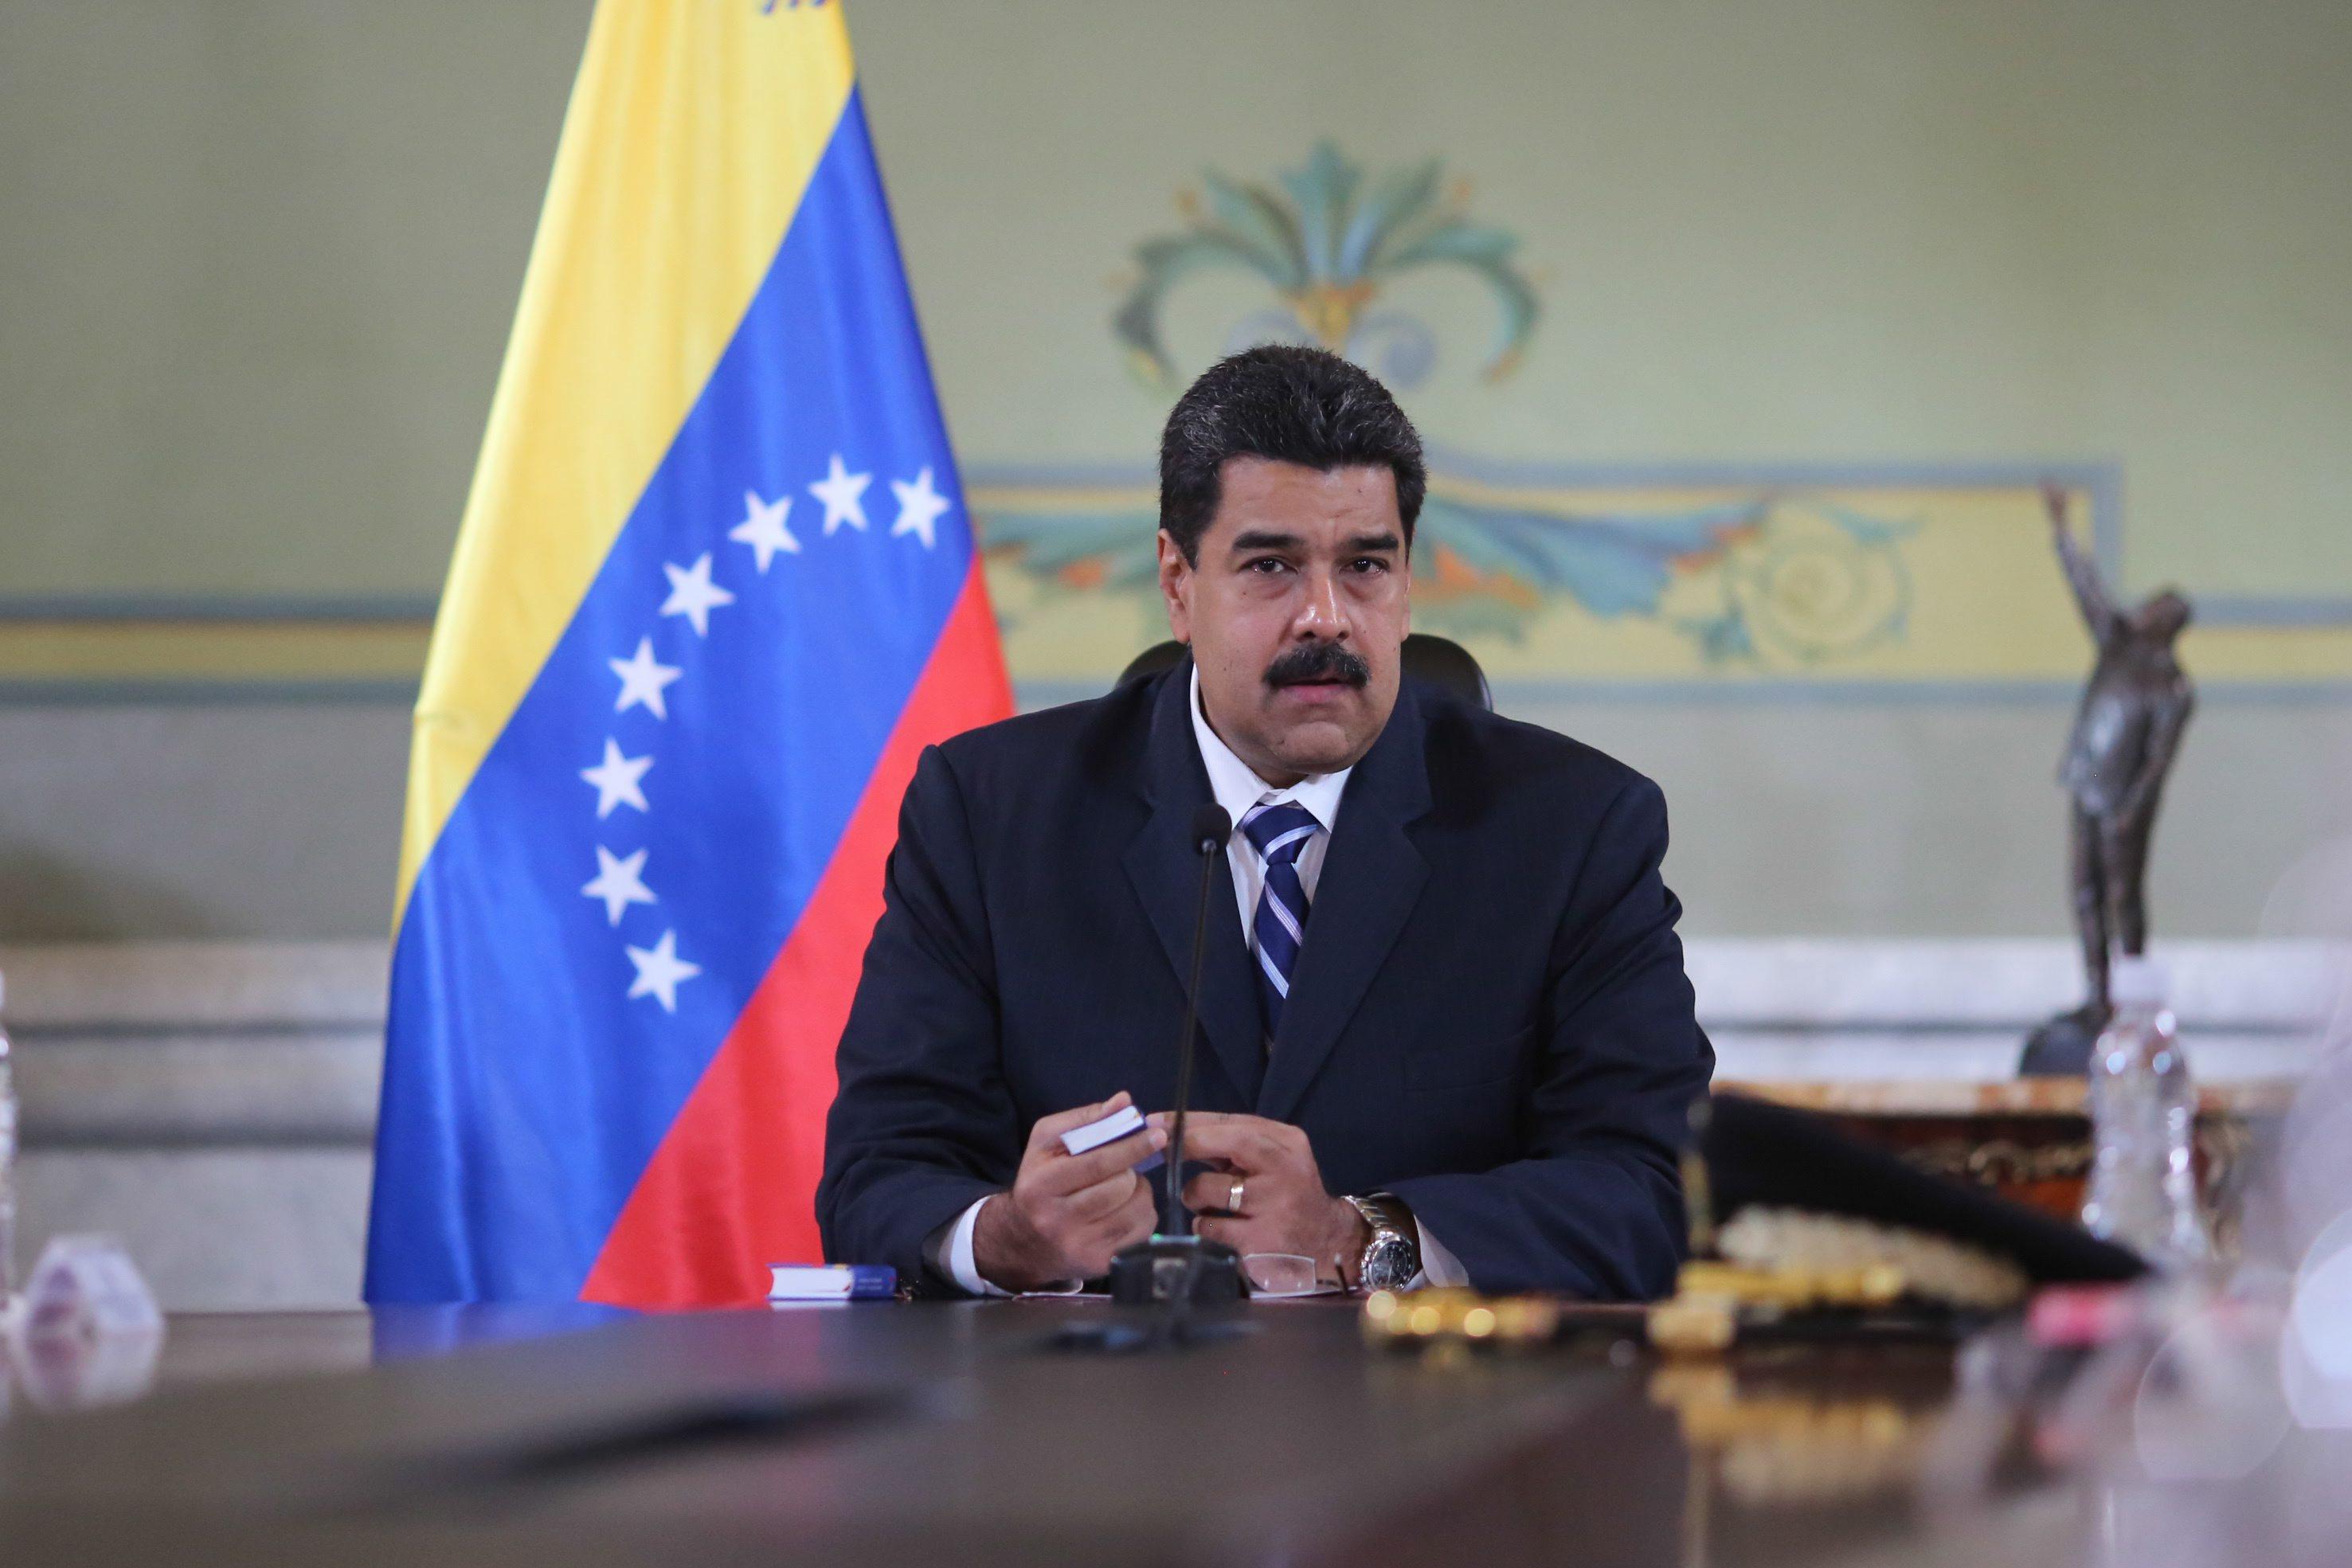 Nicolás Maduro anuncia aumento de 40% no salário mínimo